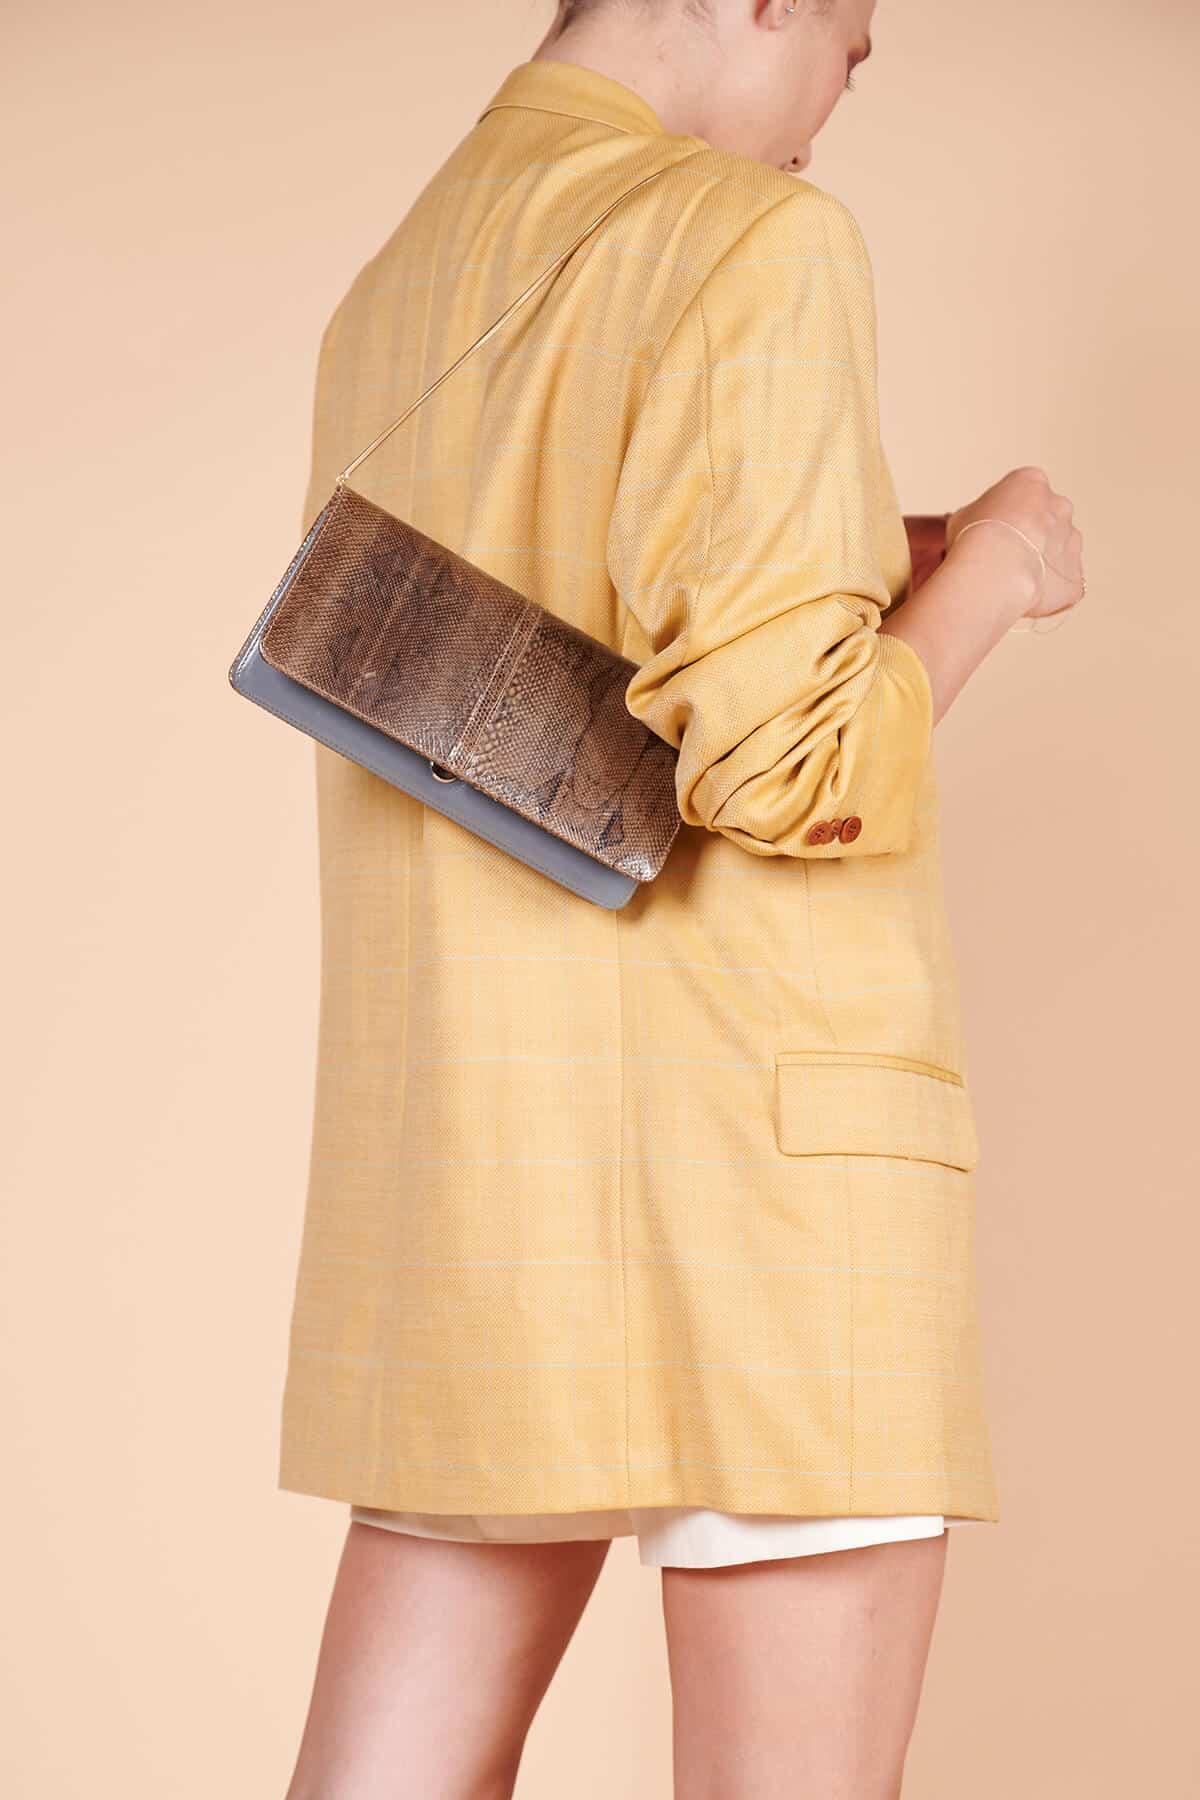 80ler kaliteli vintage yılan derisi dikdörtgen omuz çantası